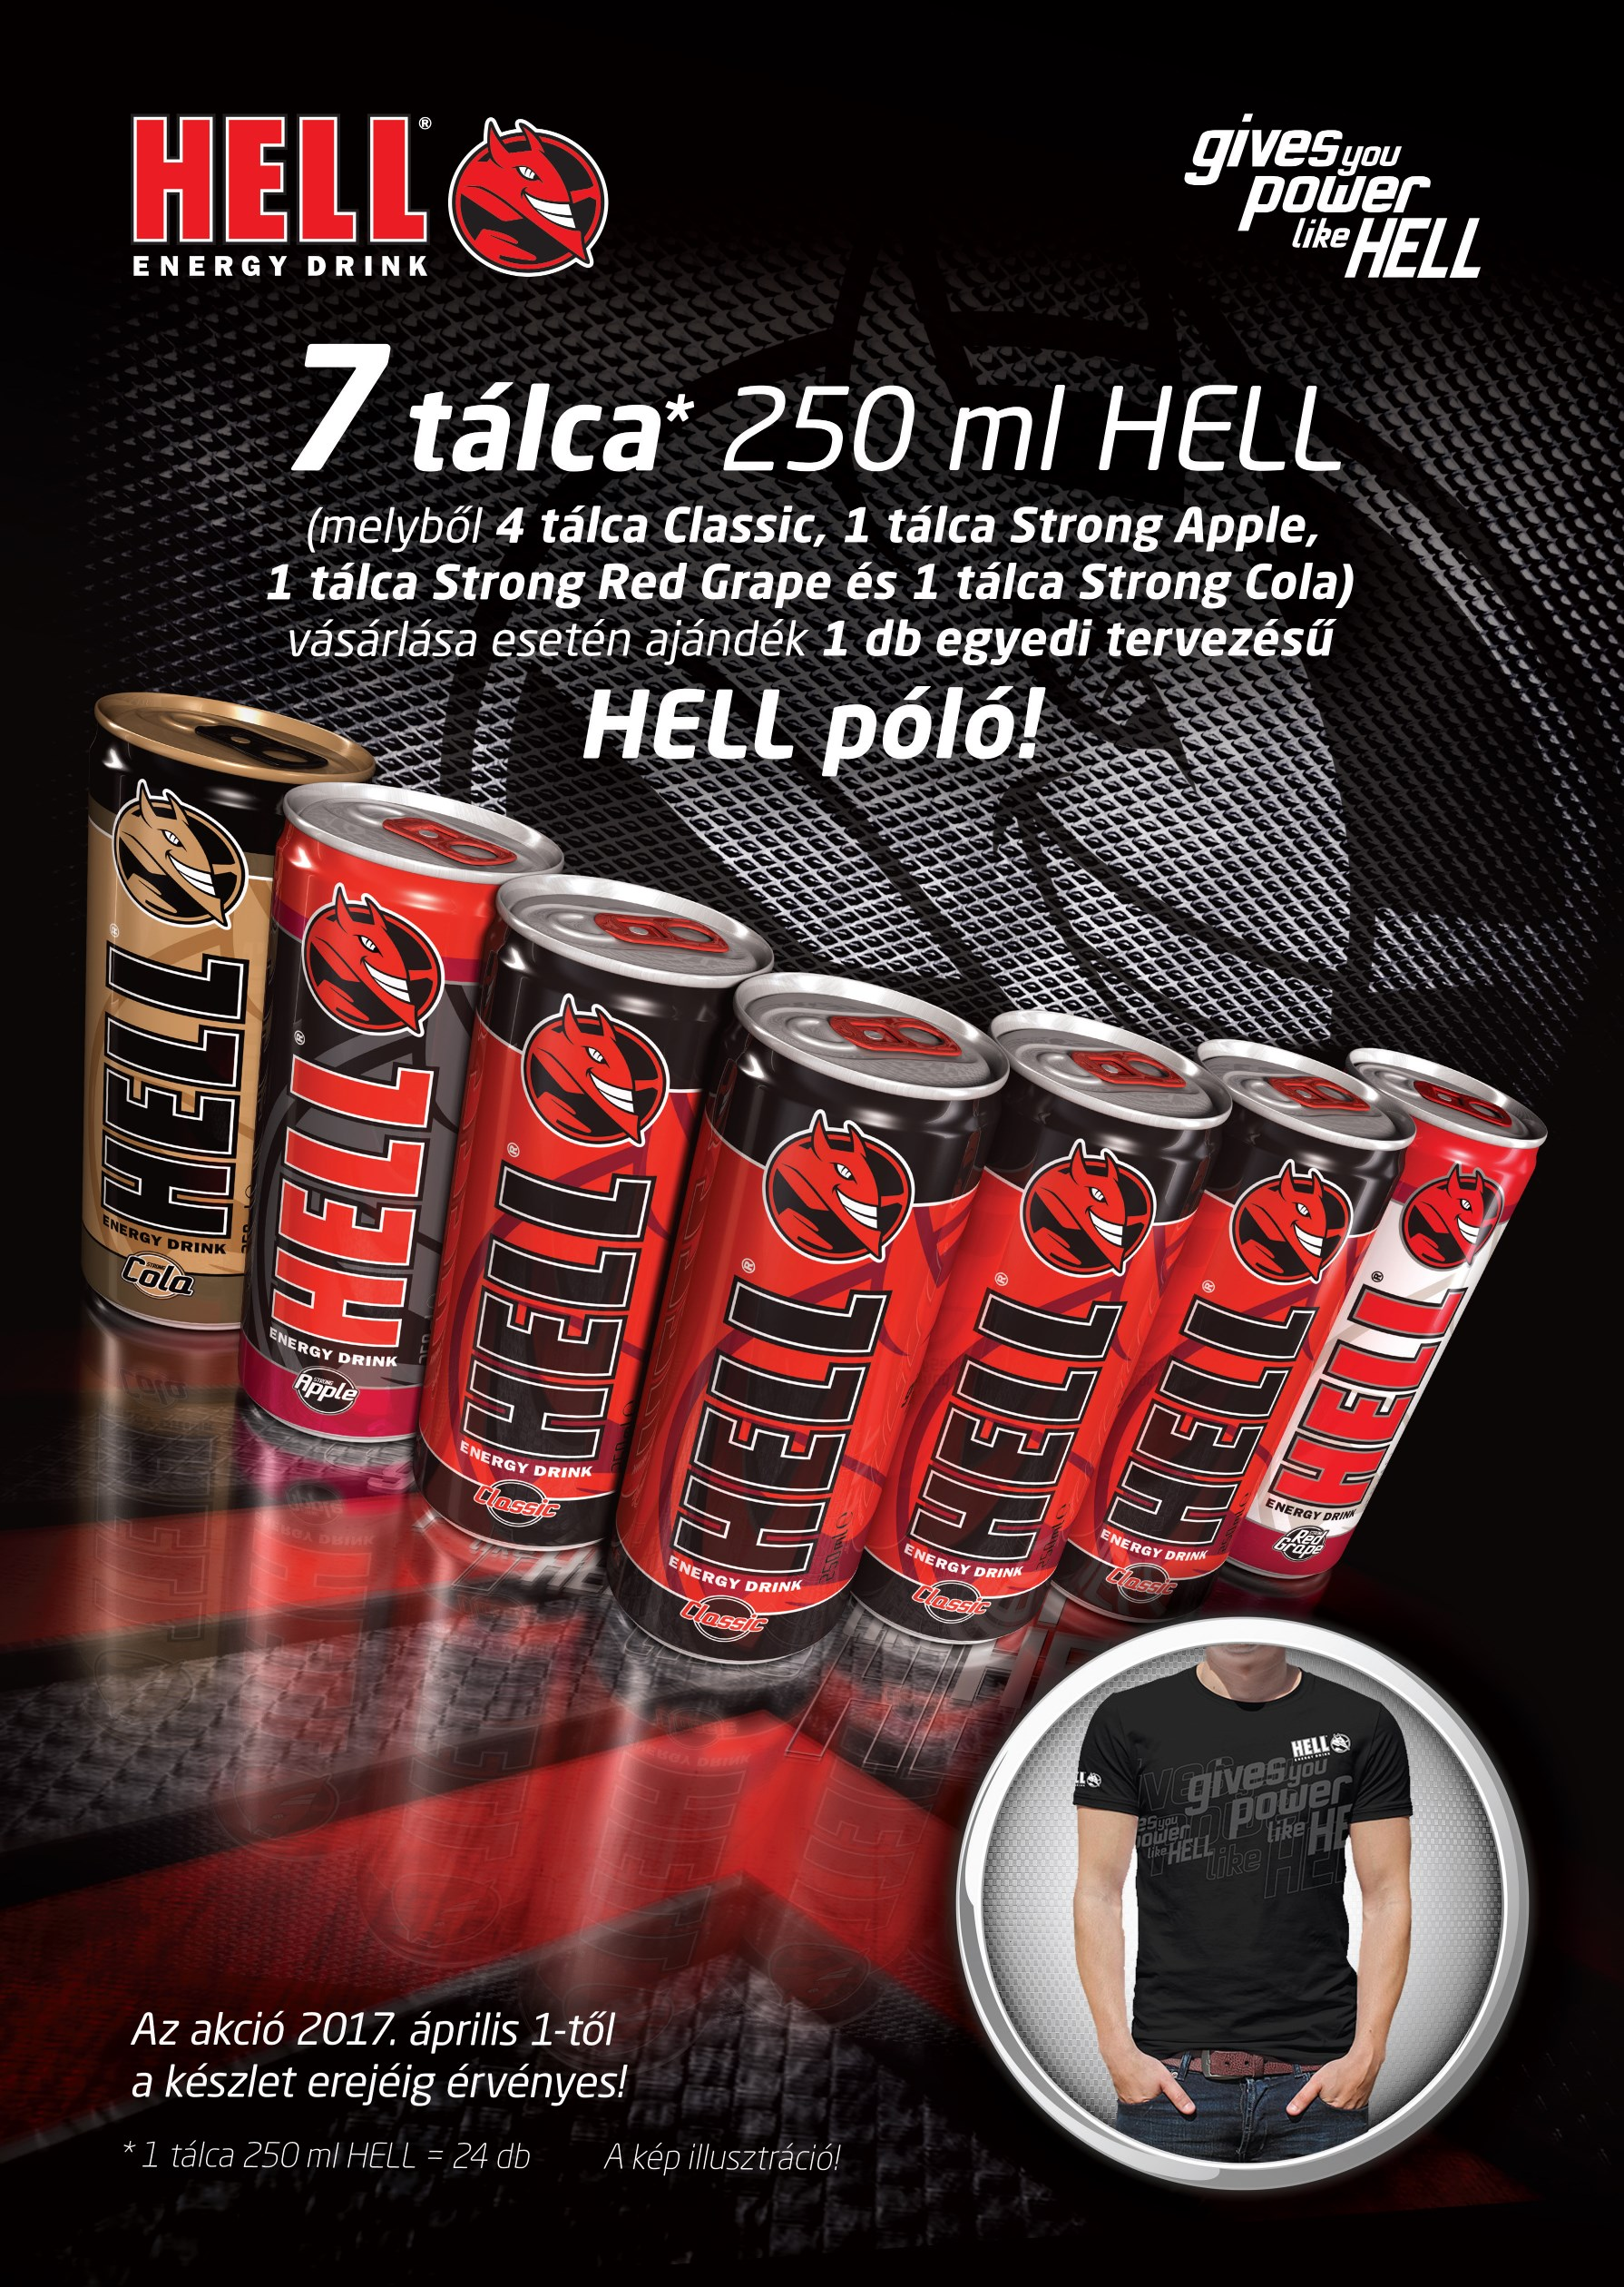 7 tálca Hell mellé ajándék HELL póló